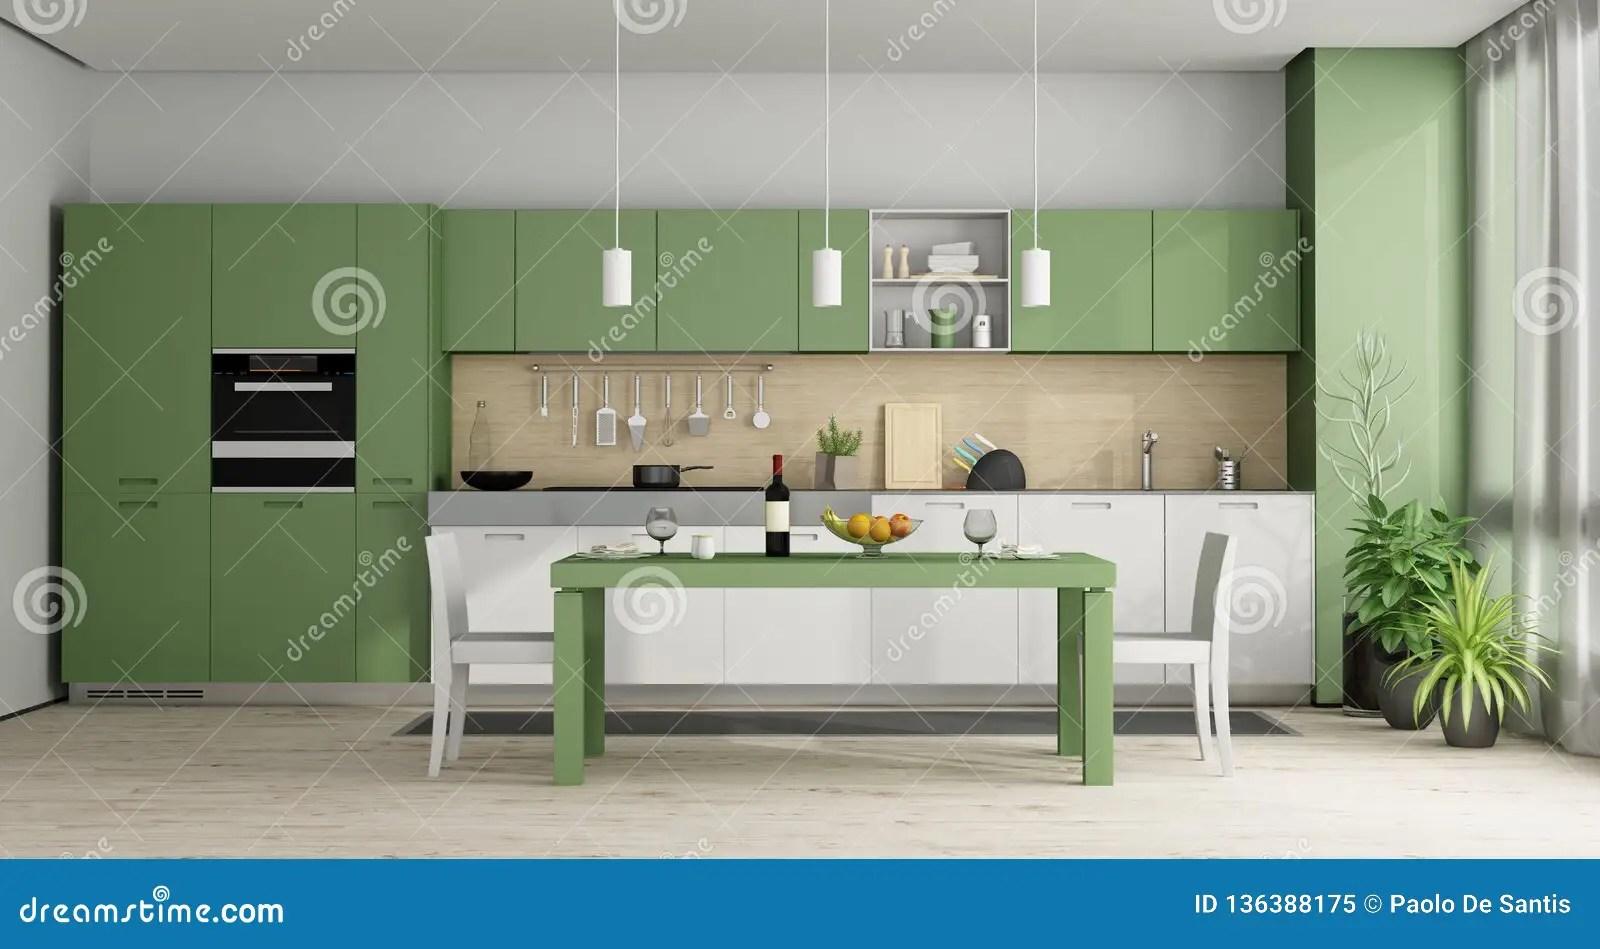 https fr dreamstime com cuisine moderne verte blanche rendu d image136388175